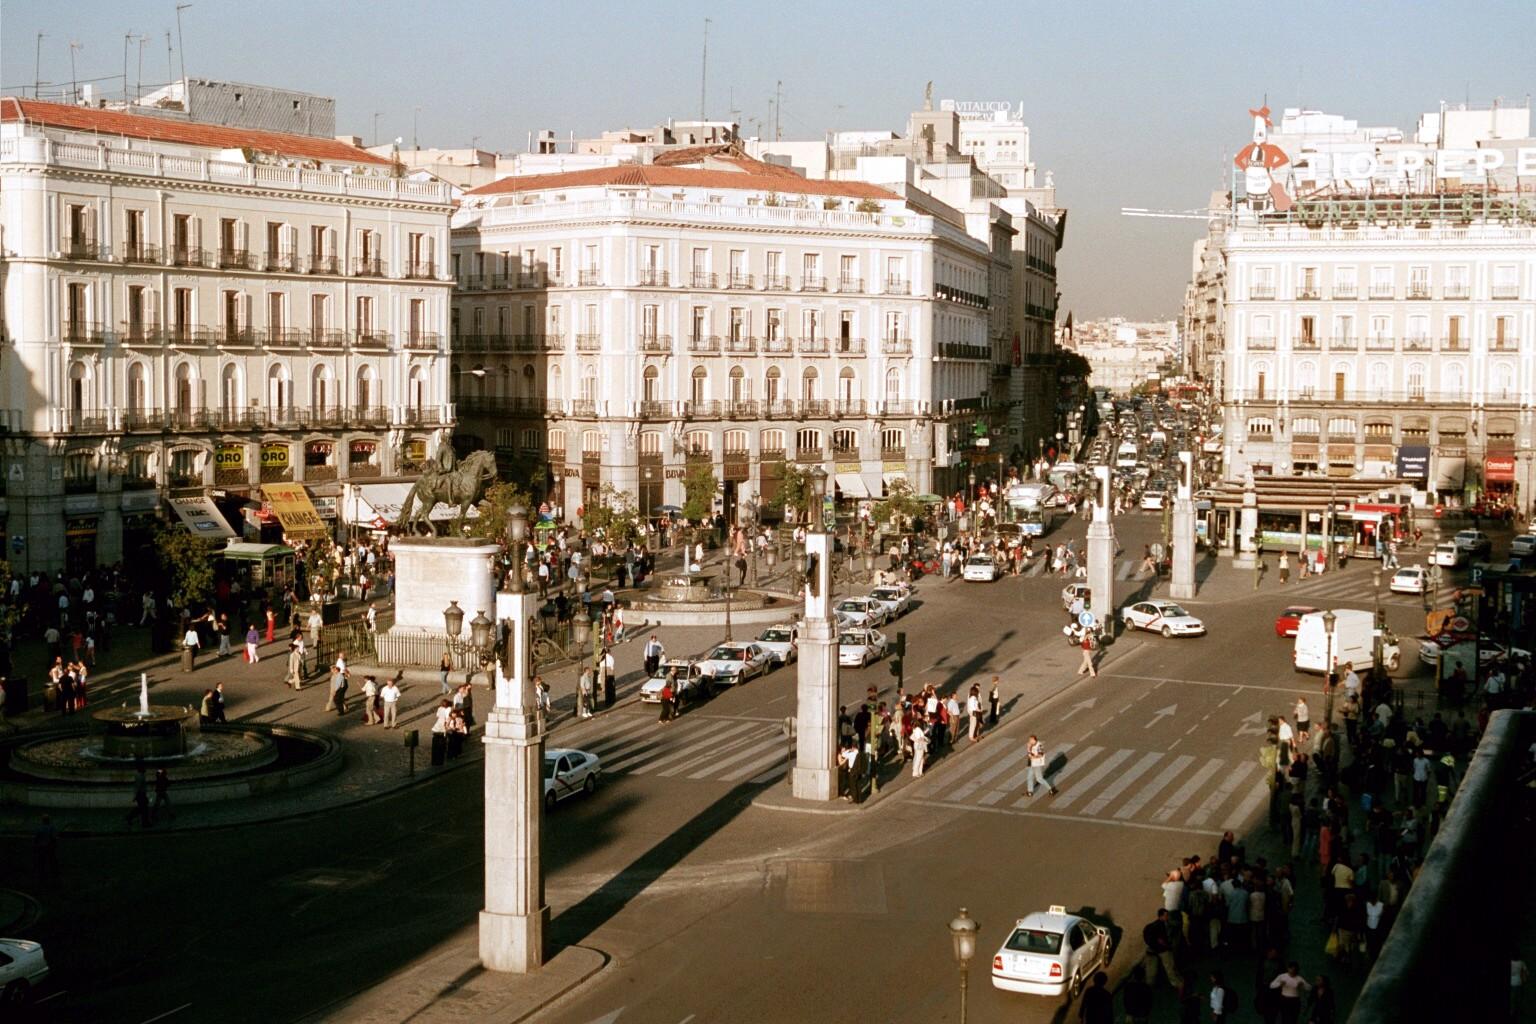 Puerta_del_Sol_(Madrid)_04.jpg